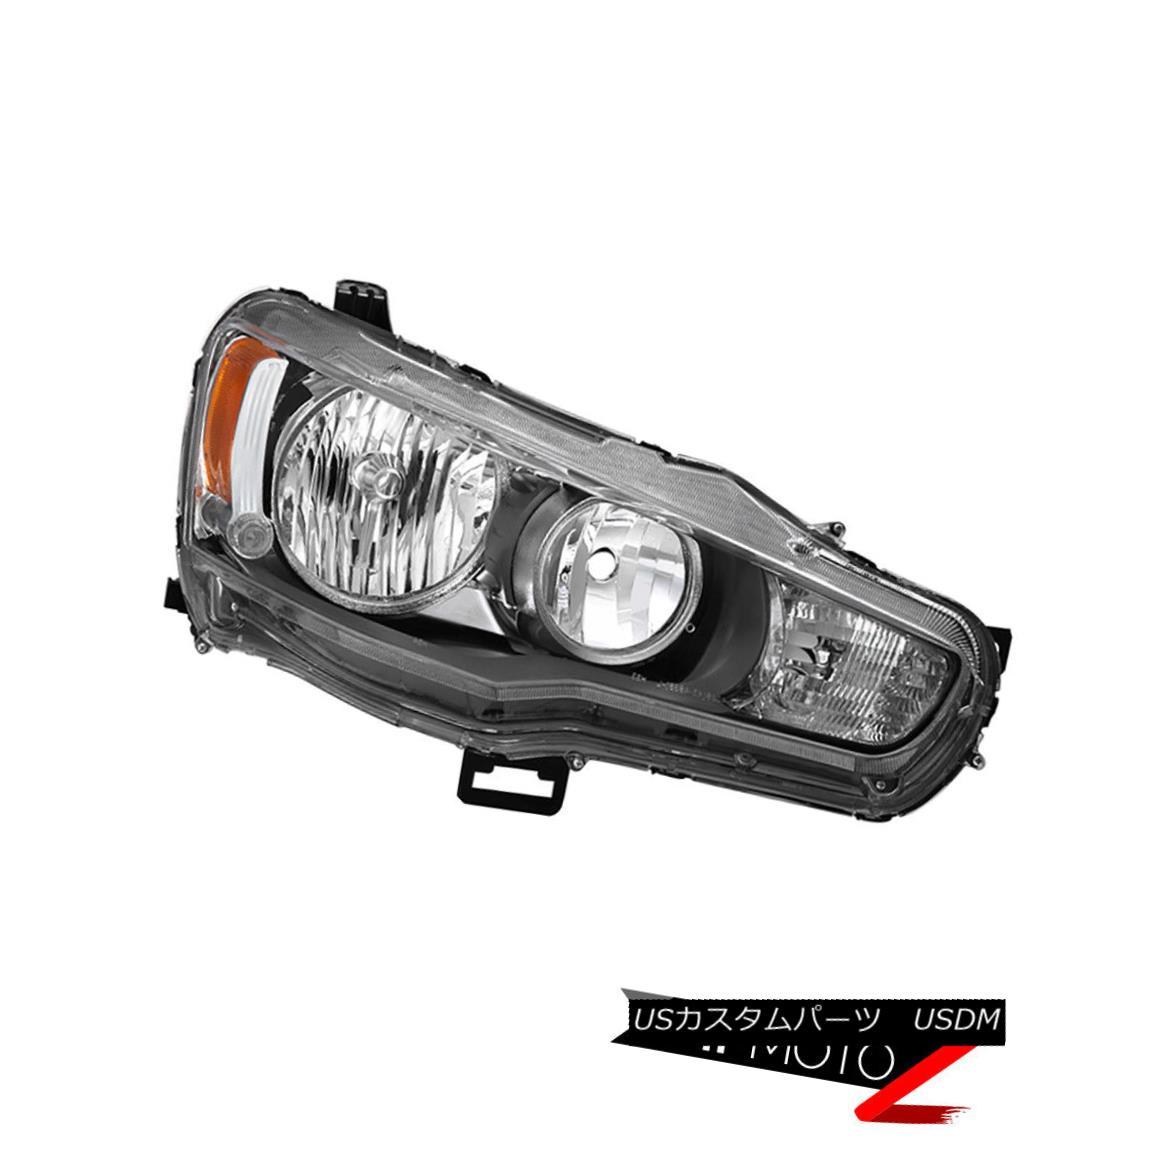 ヘッドライト 2008-2017 Mitsubishi Lancer ES Ralliart {FACTORY STYLE} Passenger Side Headlight 2008-2017 Mitsubishi Lancer ES Ralliart {ファクトリースタイル}乗用サイドヘッドライト